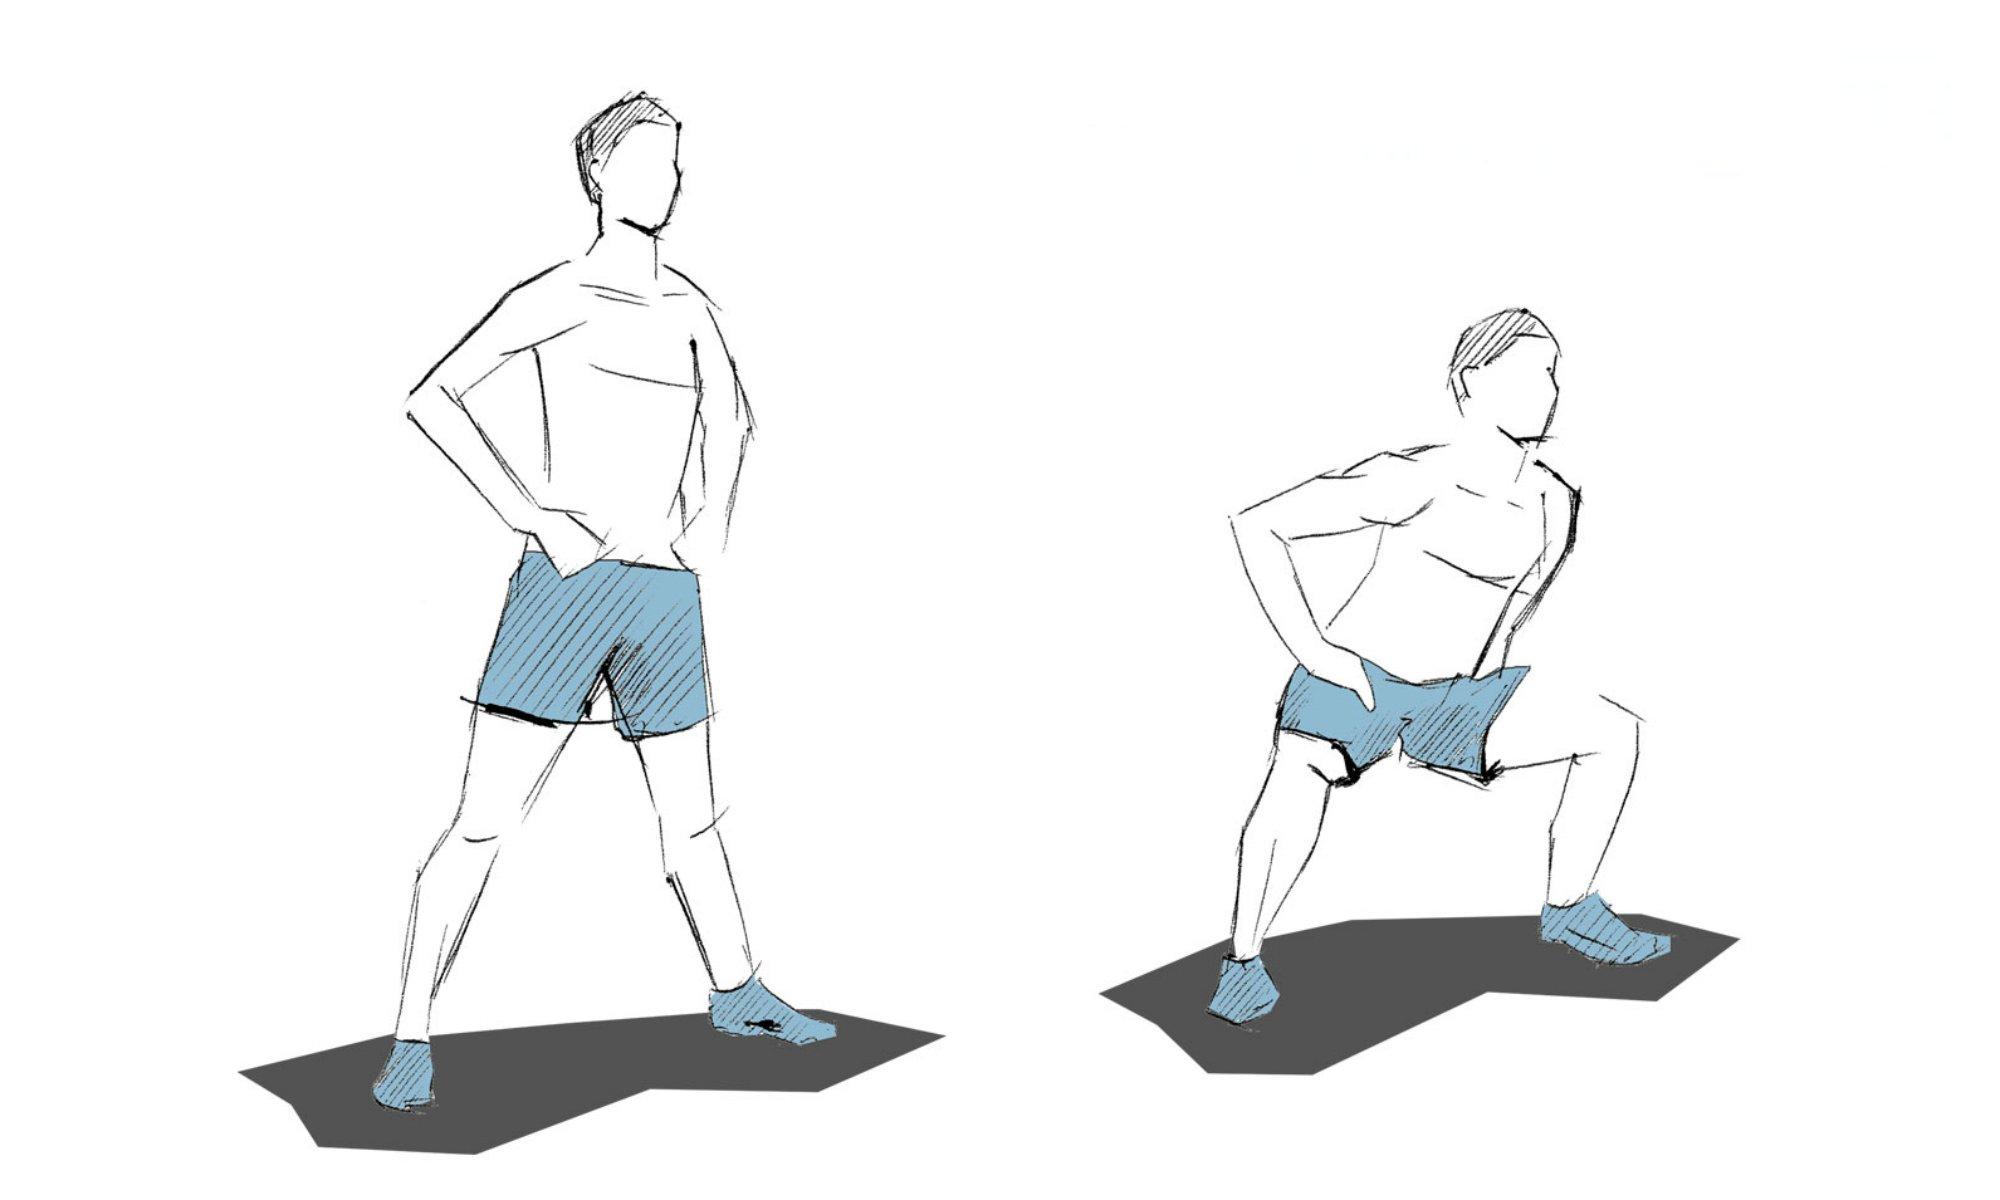 Démonstration de squats sumo.